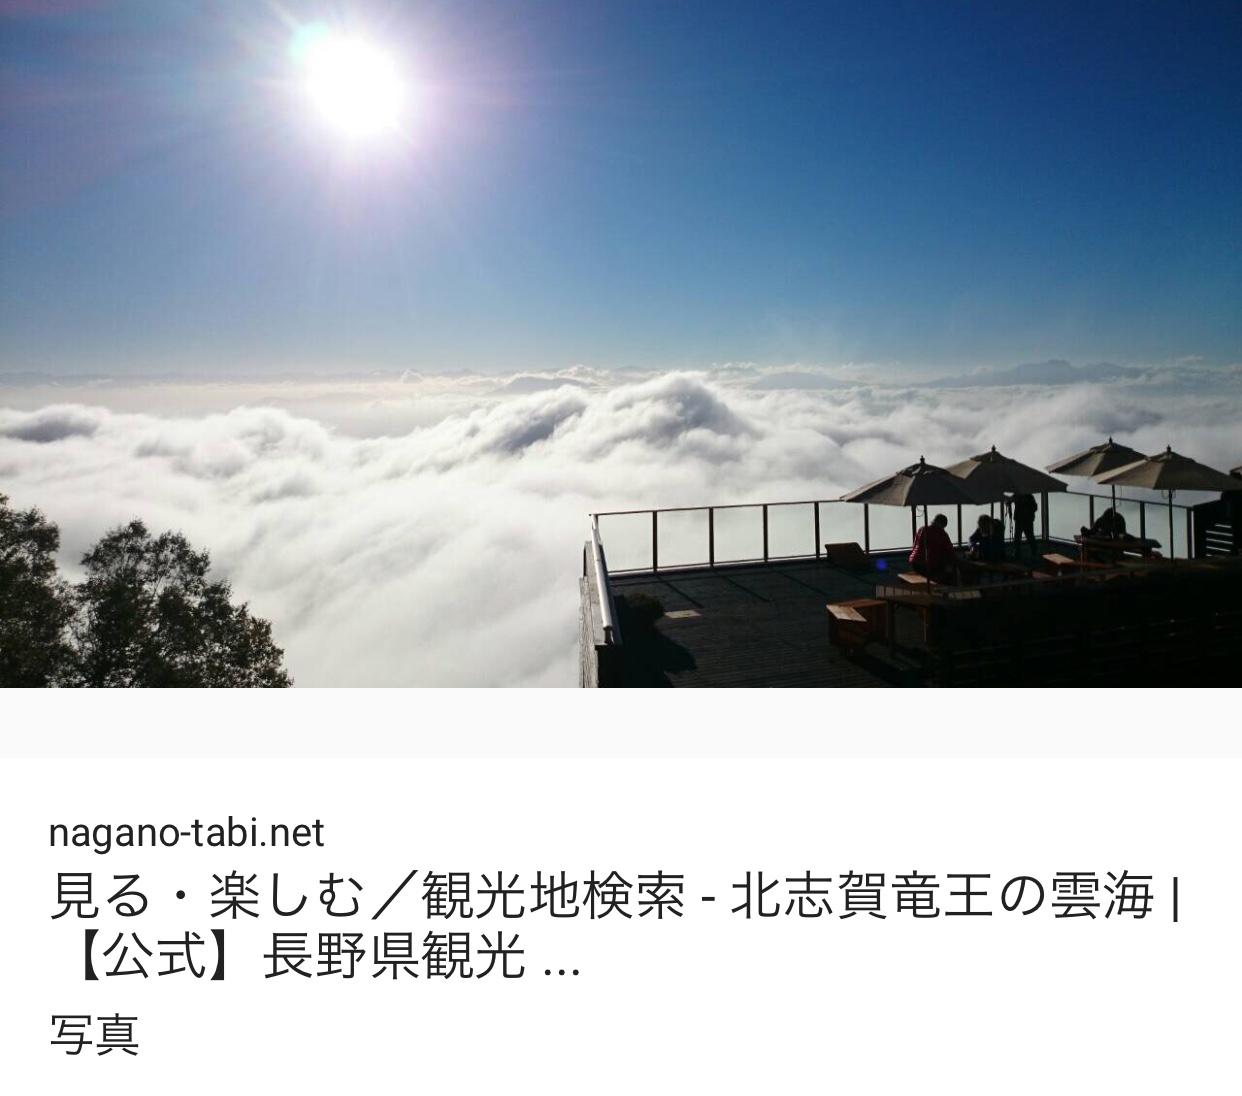 雲海綺麗ですね!